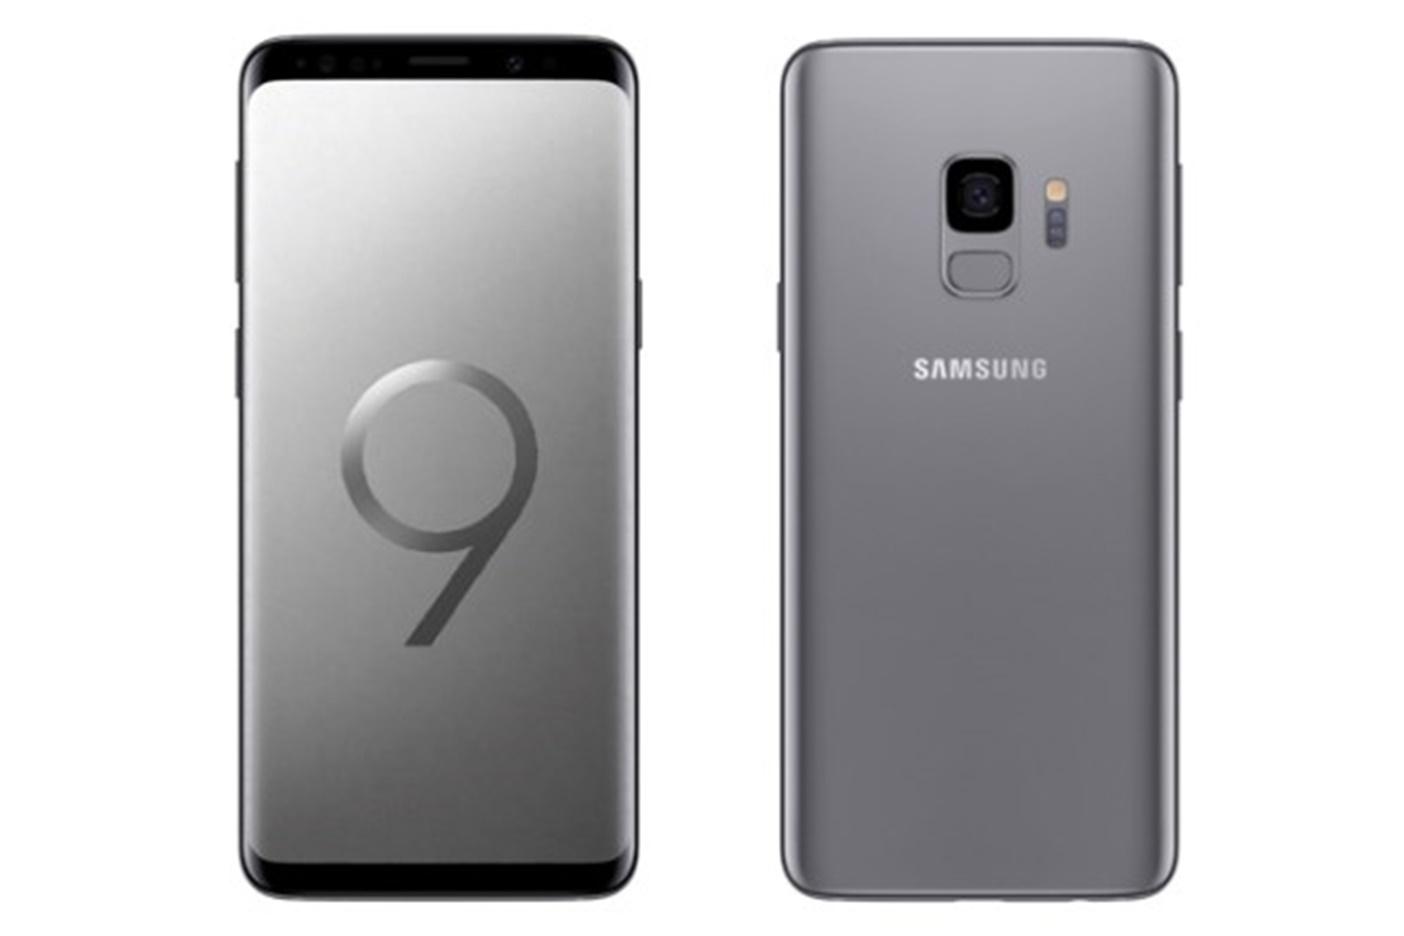 Imagem de Galaxy S9 e S9+ são homologados pela Anatel em suas versões dual-SIM no tecmundo